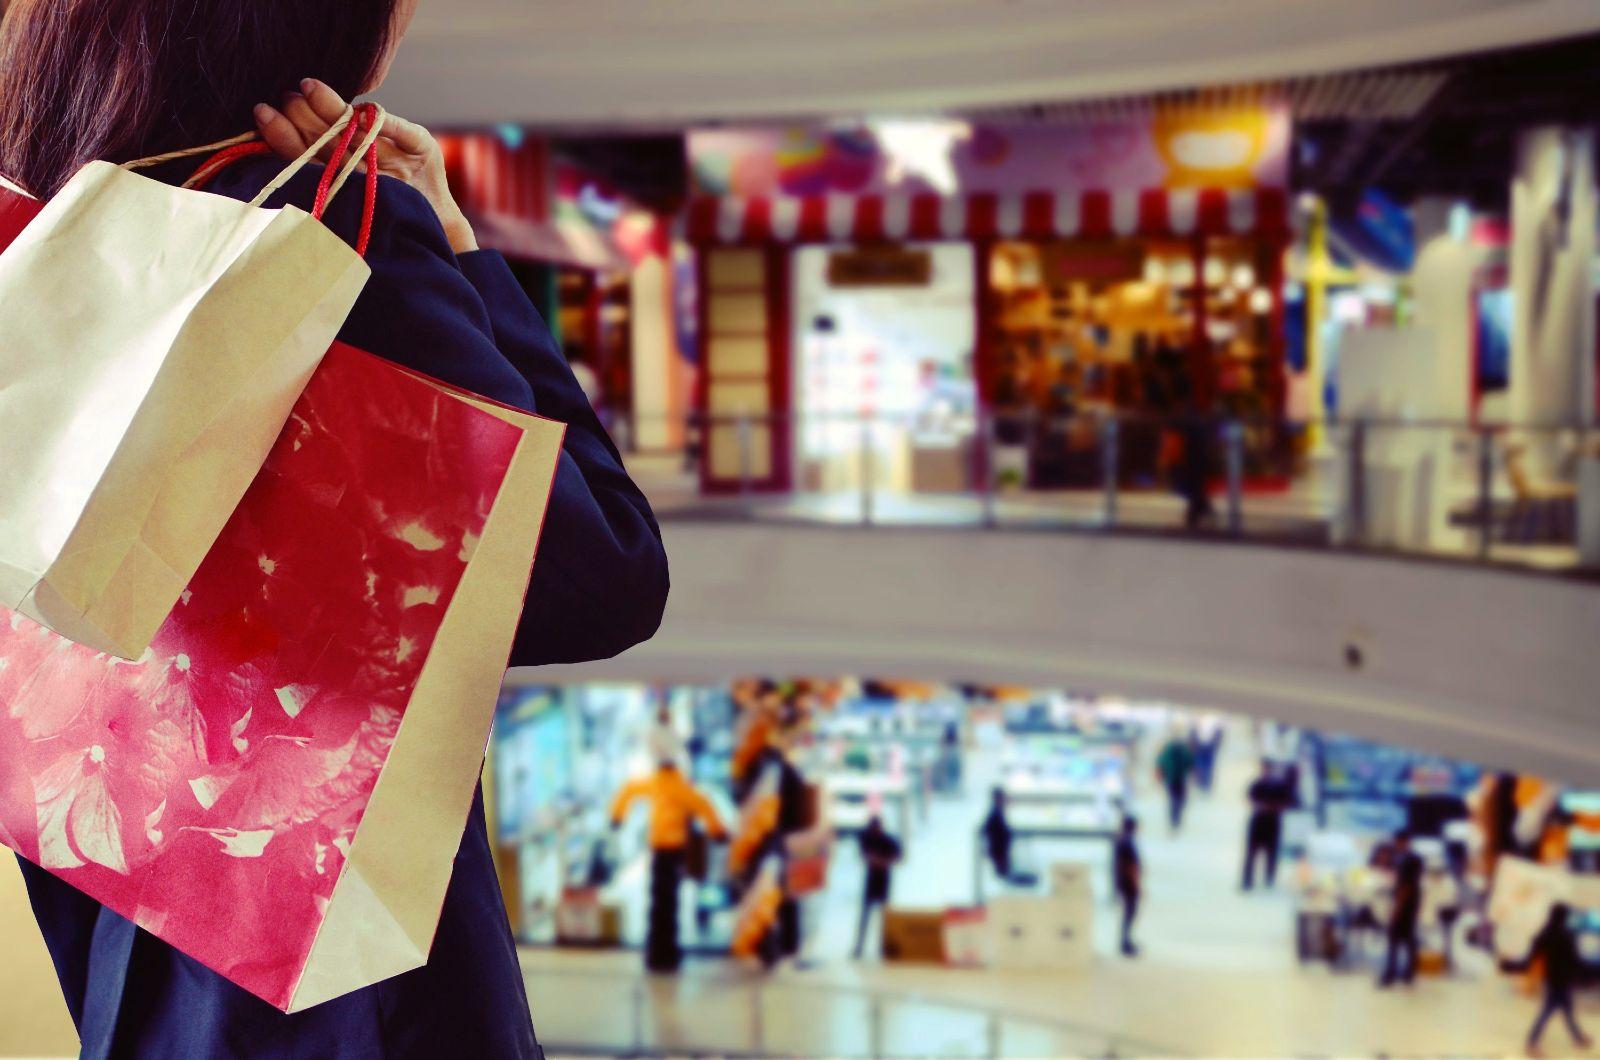 Le vie dello shopping a Monaco di Baviera